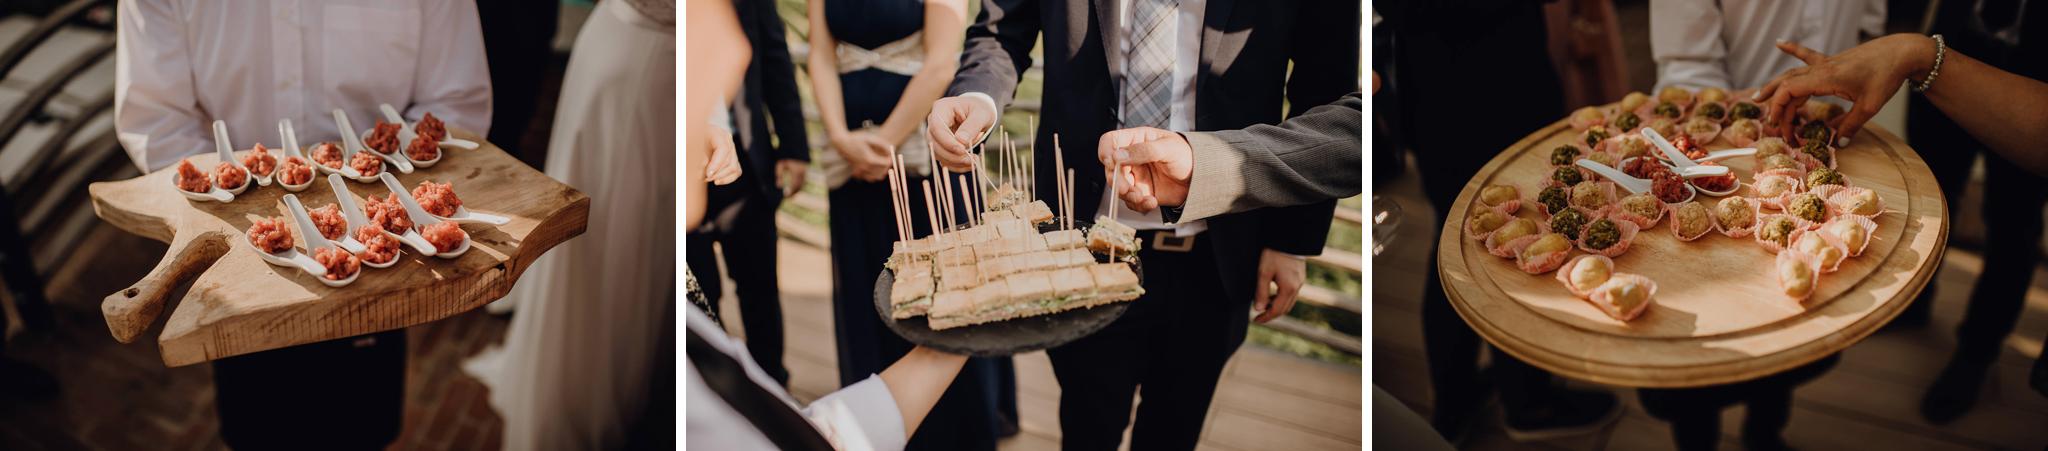 fotografo matrimonio villa tiboldifotografo matrimonio villa tiboldi